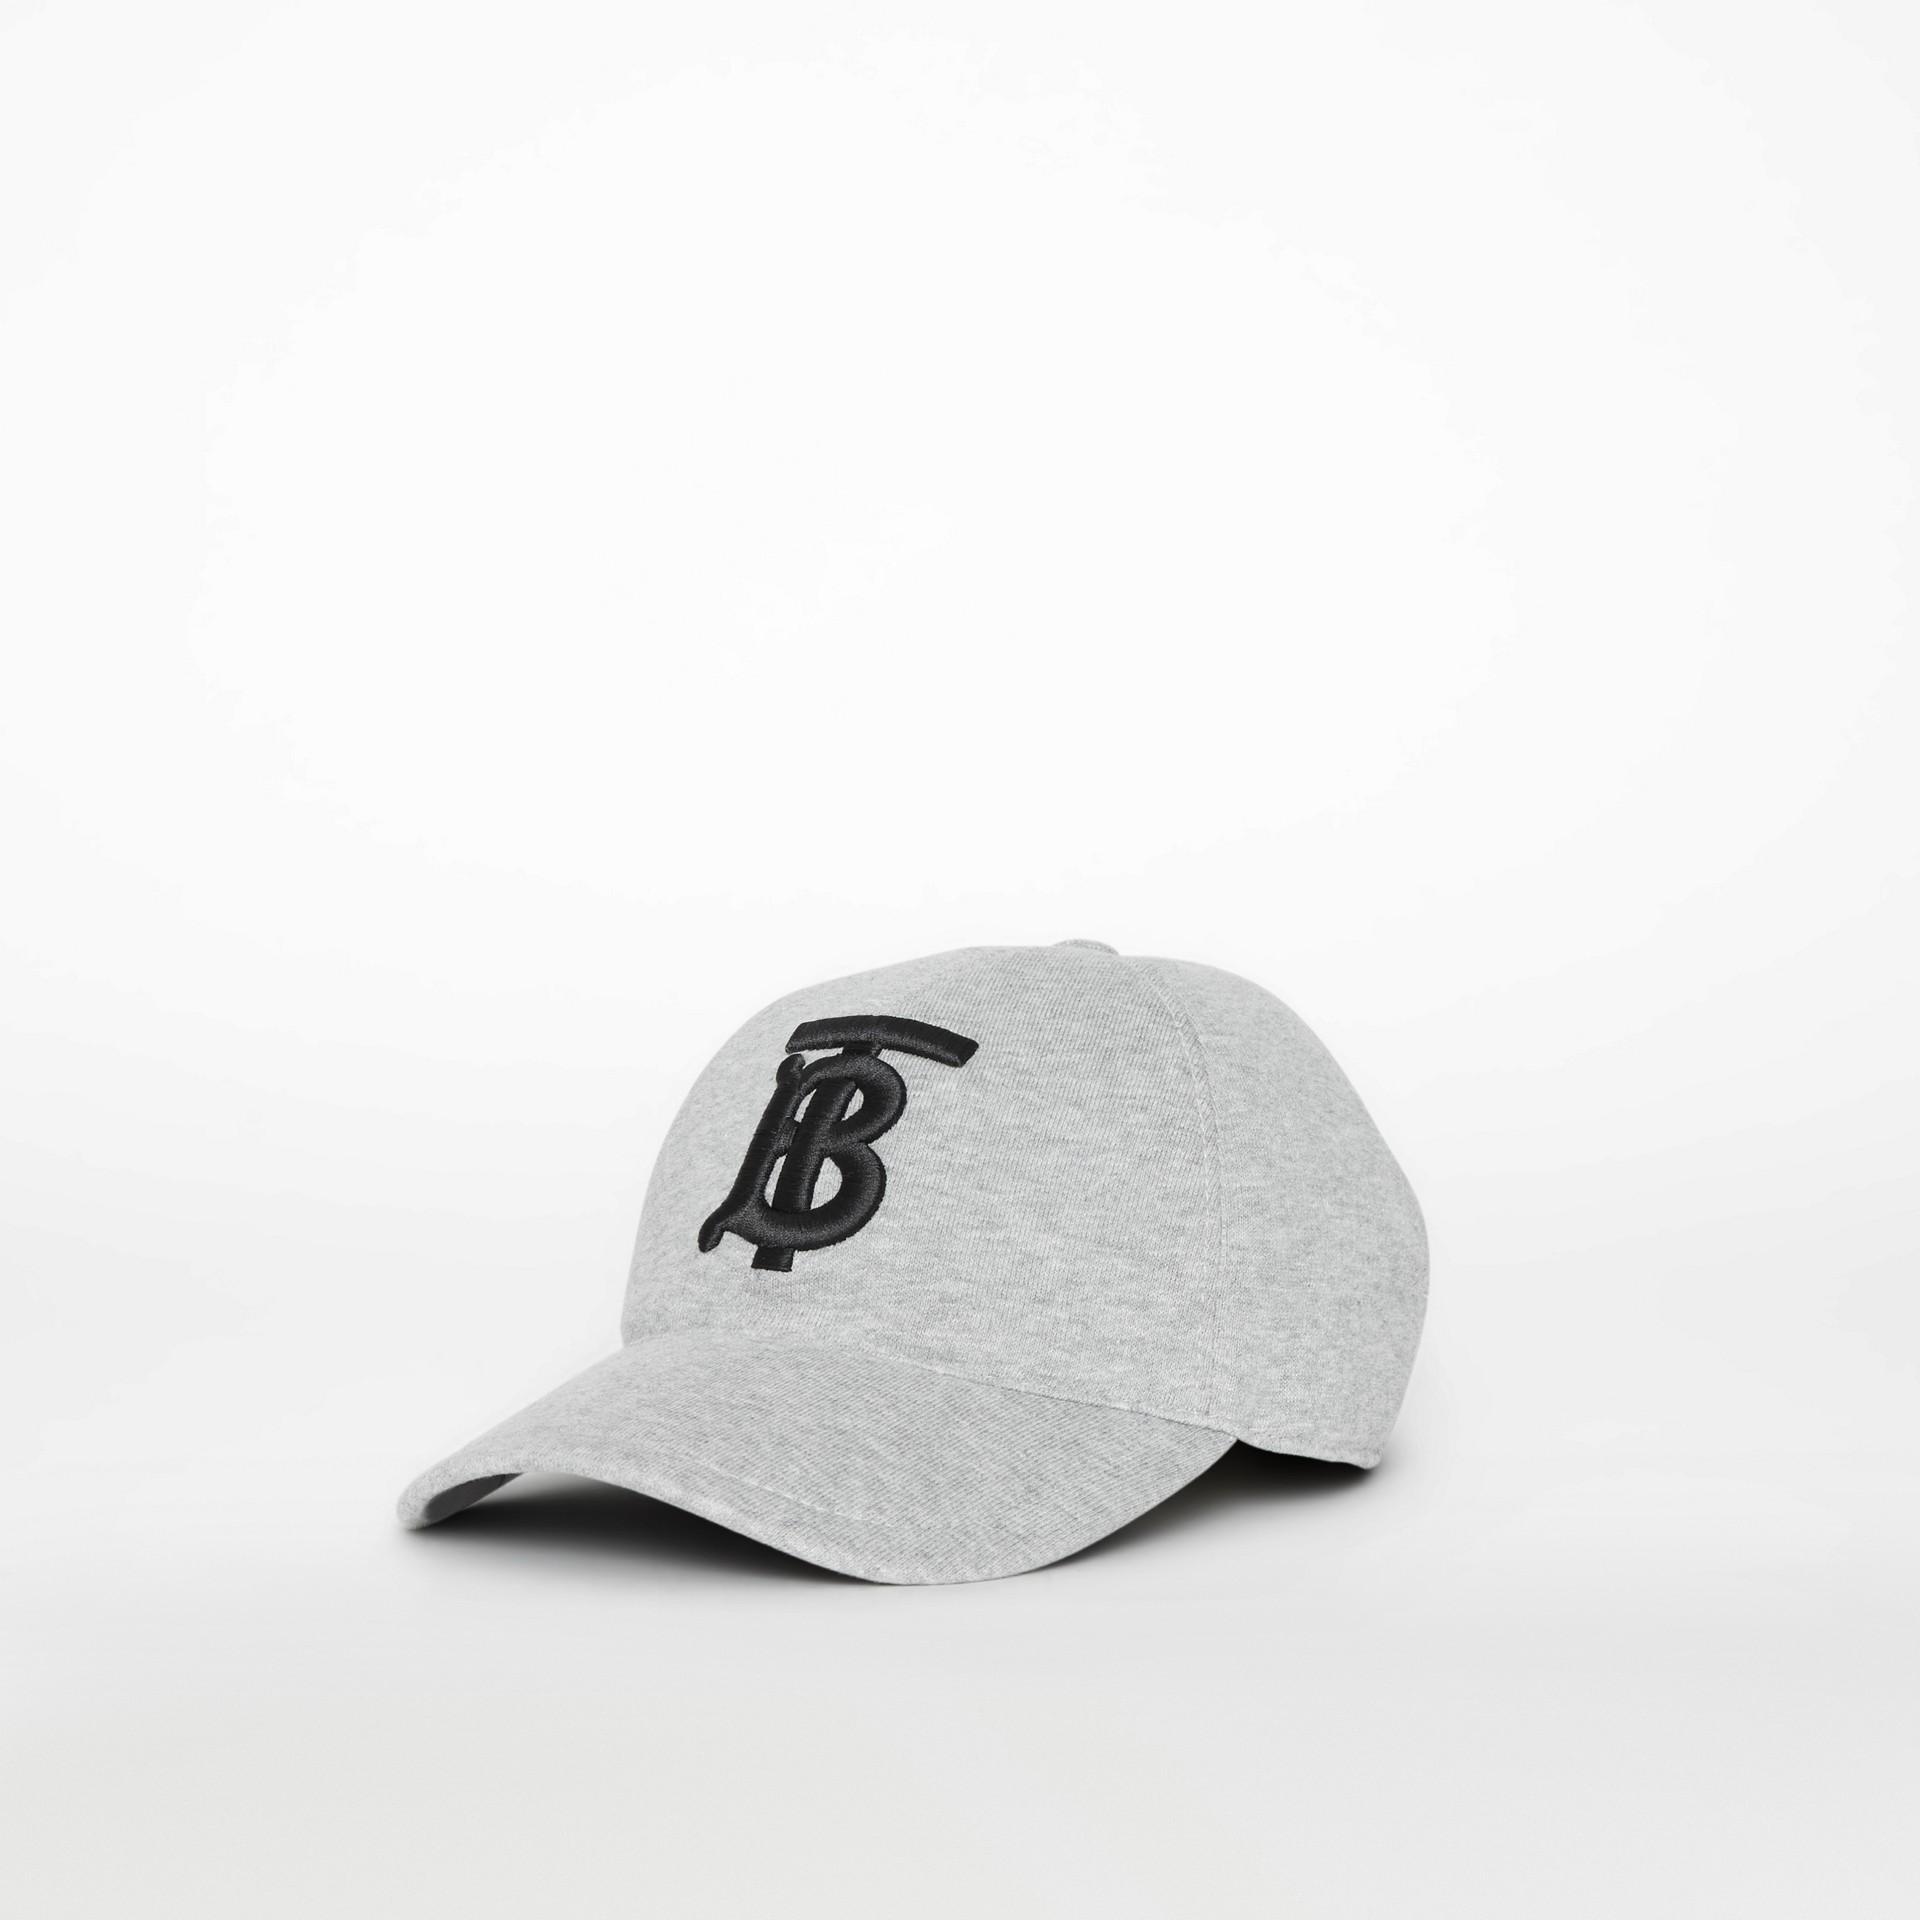 Бейсболка с монограммой Burberry (Светло-серый Меланж) | Burberry - изображение 3